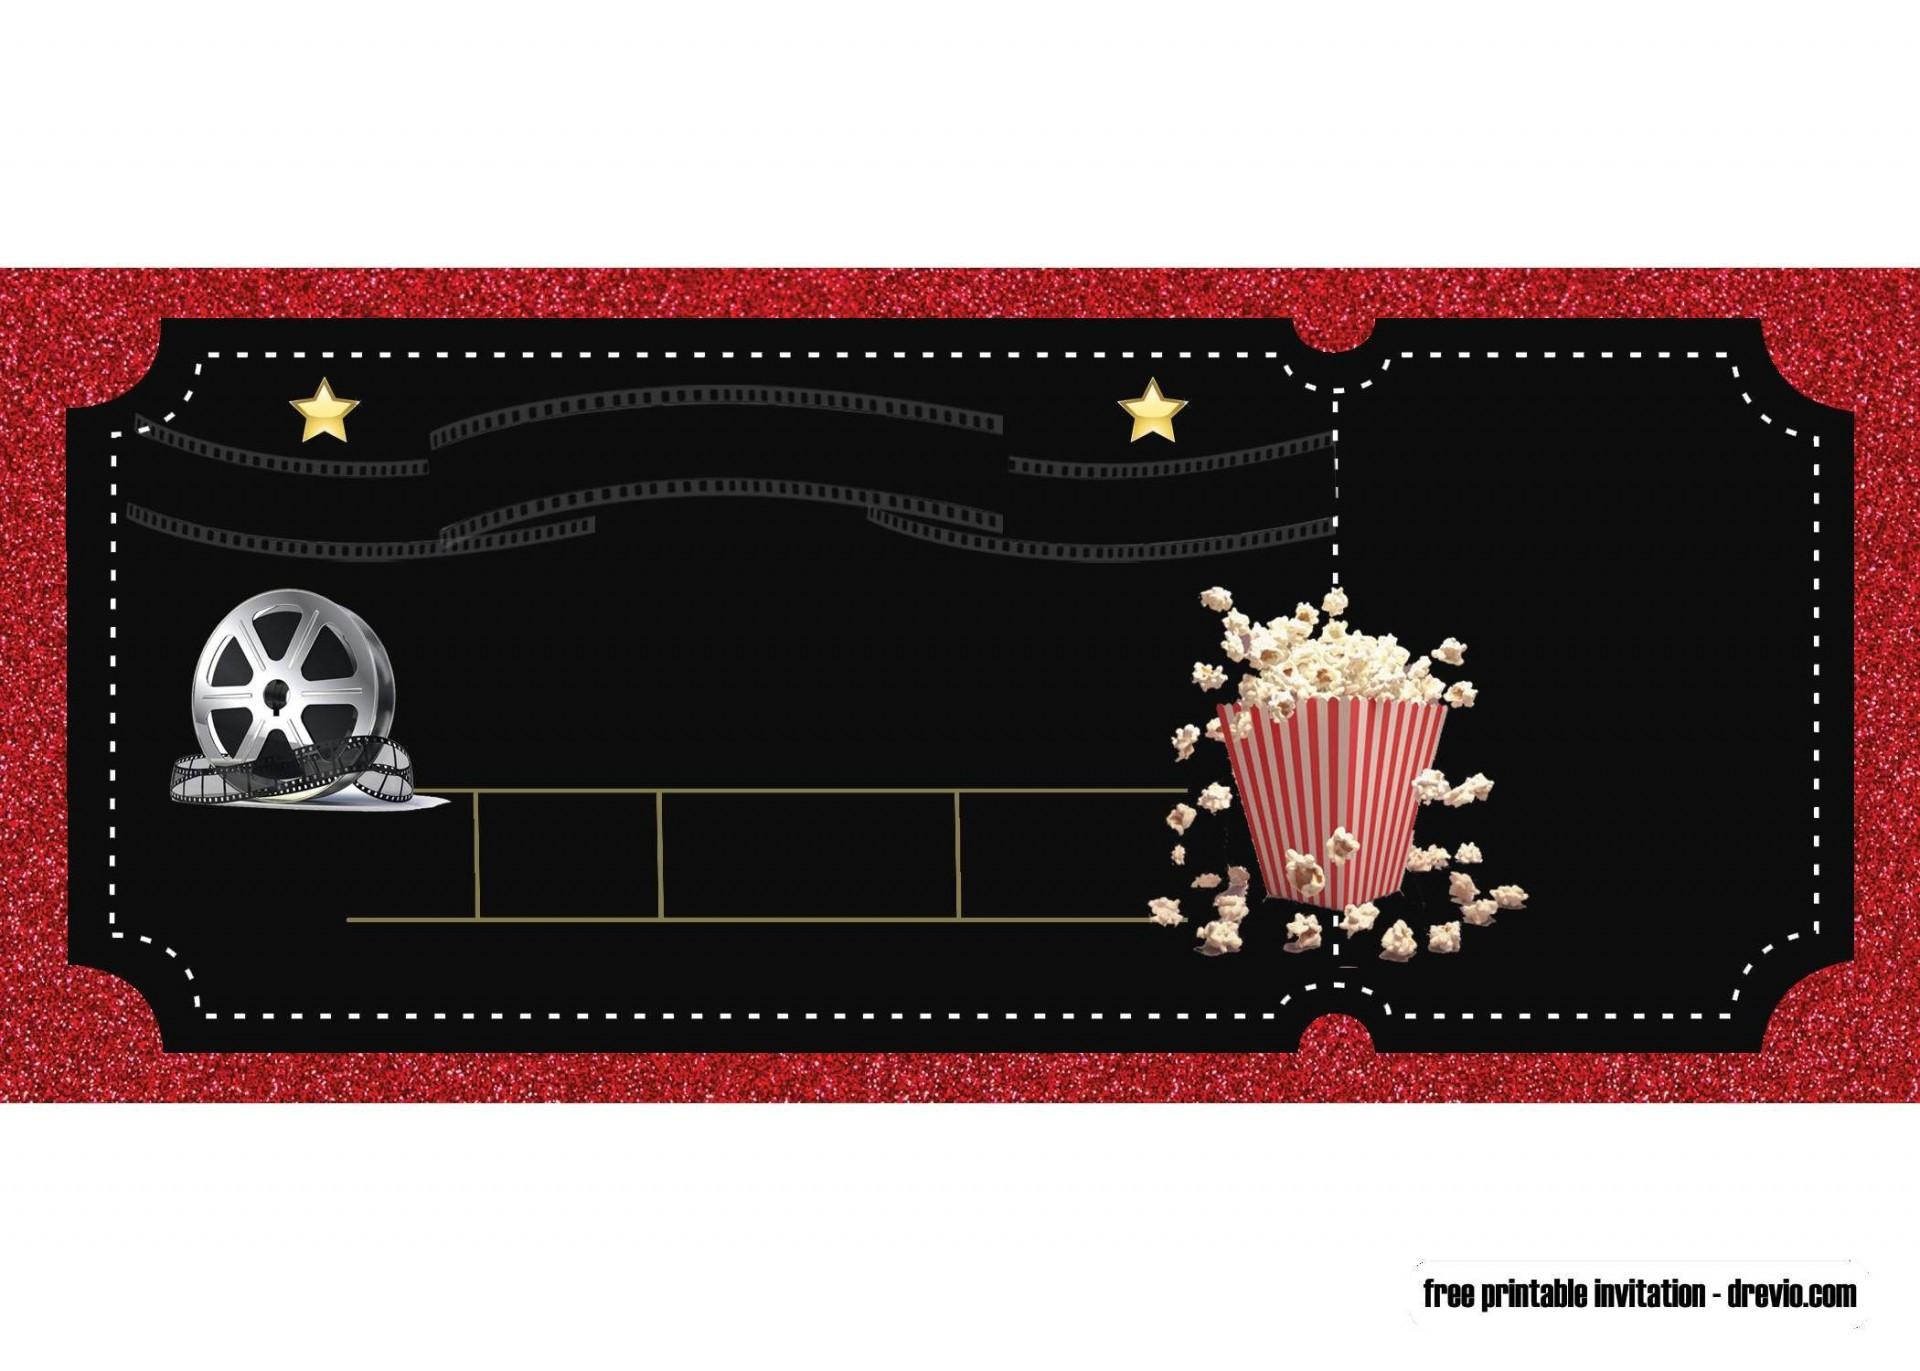 007 Rare Free Printable Movie Ticket Birthday Party Invitation Sample 1920